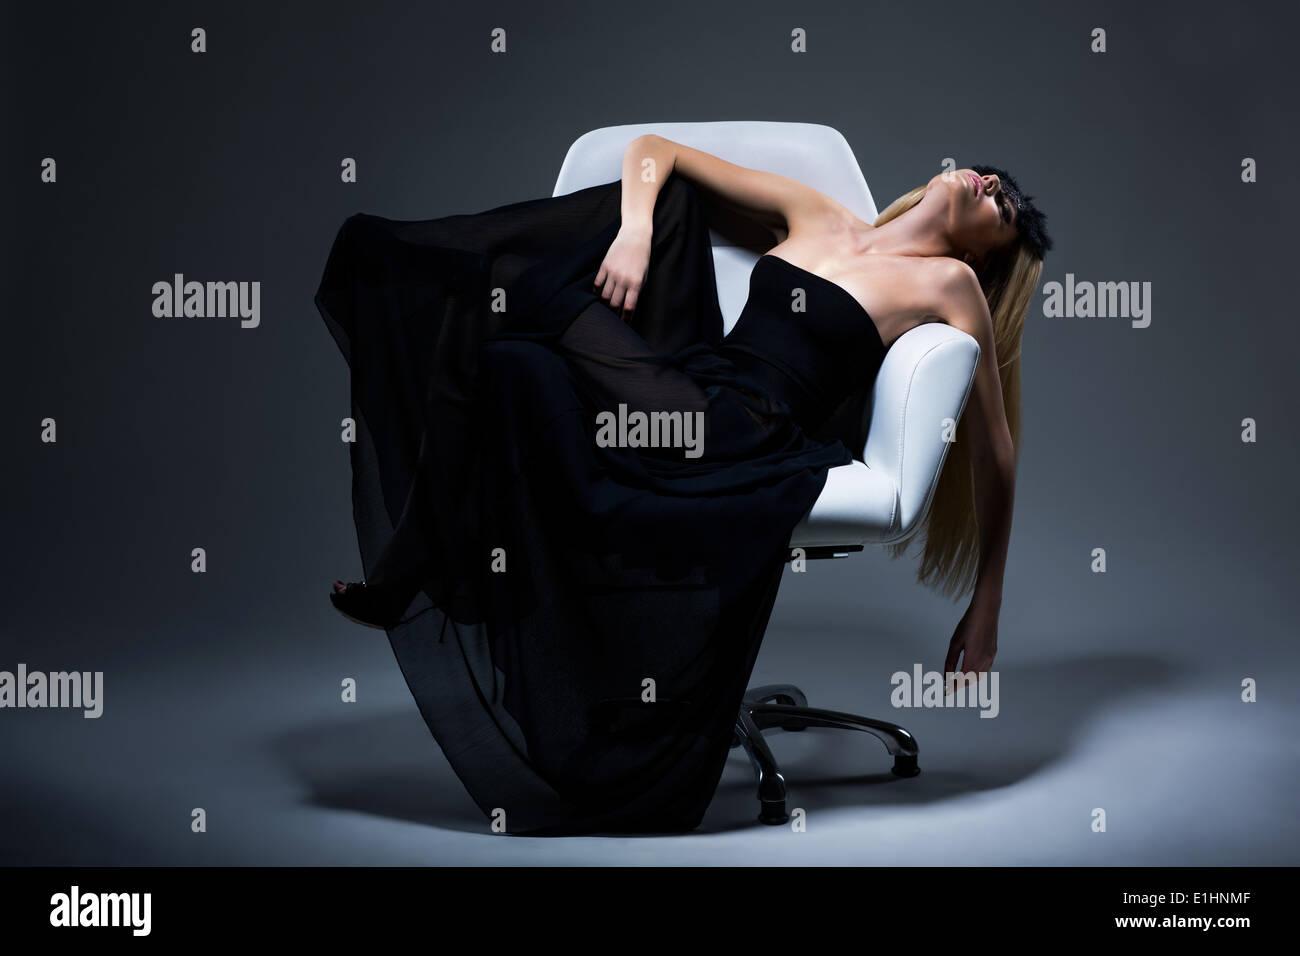 Harmonie & Sinnlichkeit. Romantische blonde Frau in schwarzes Kleid im Sessel ausruhen. Zufriedenheit Stockbild